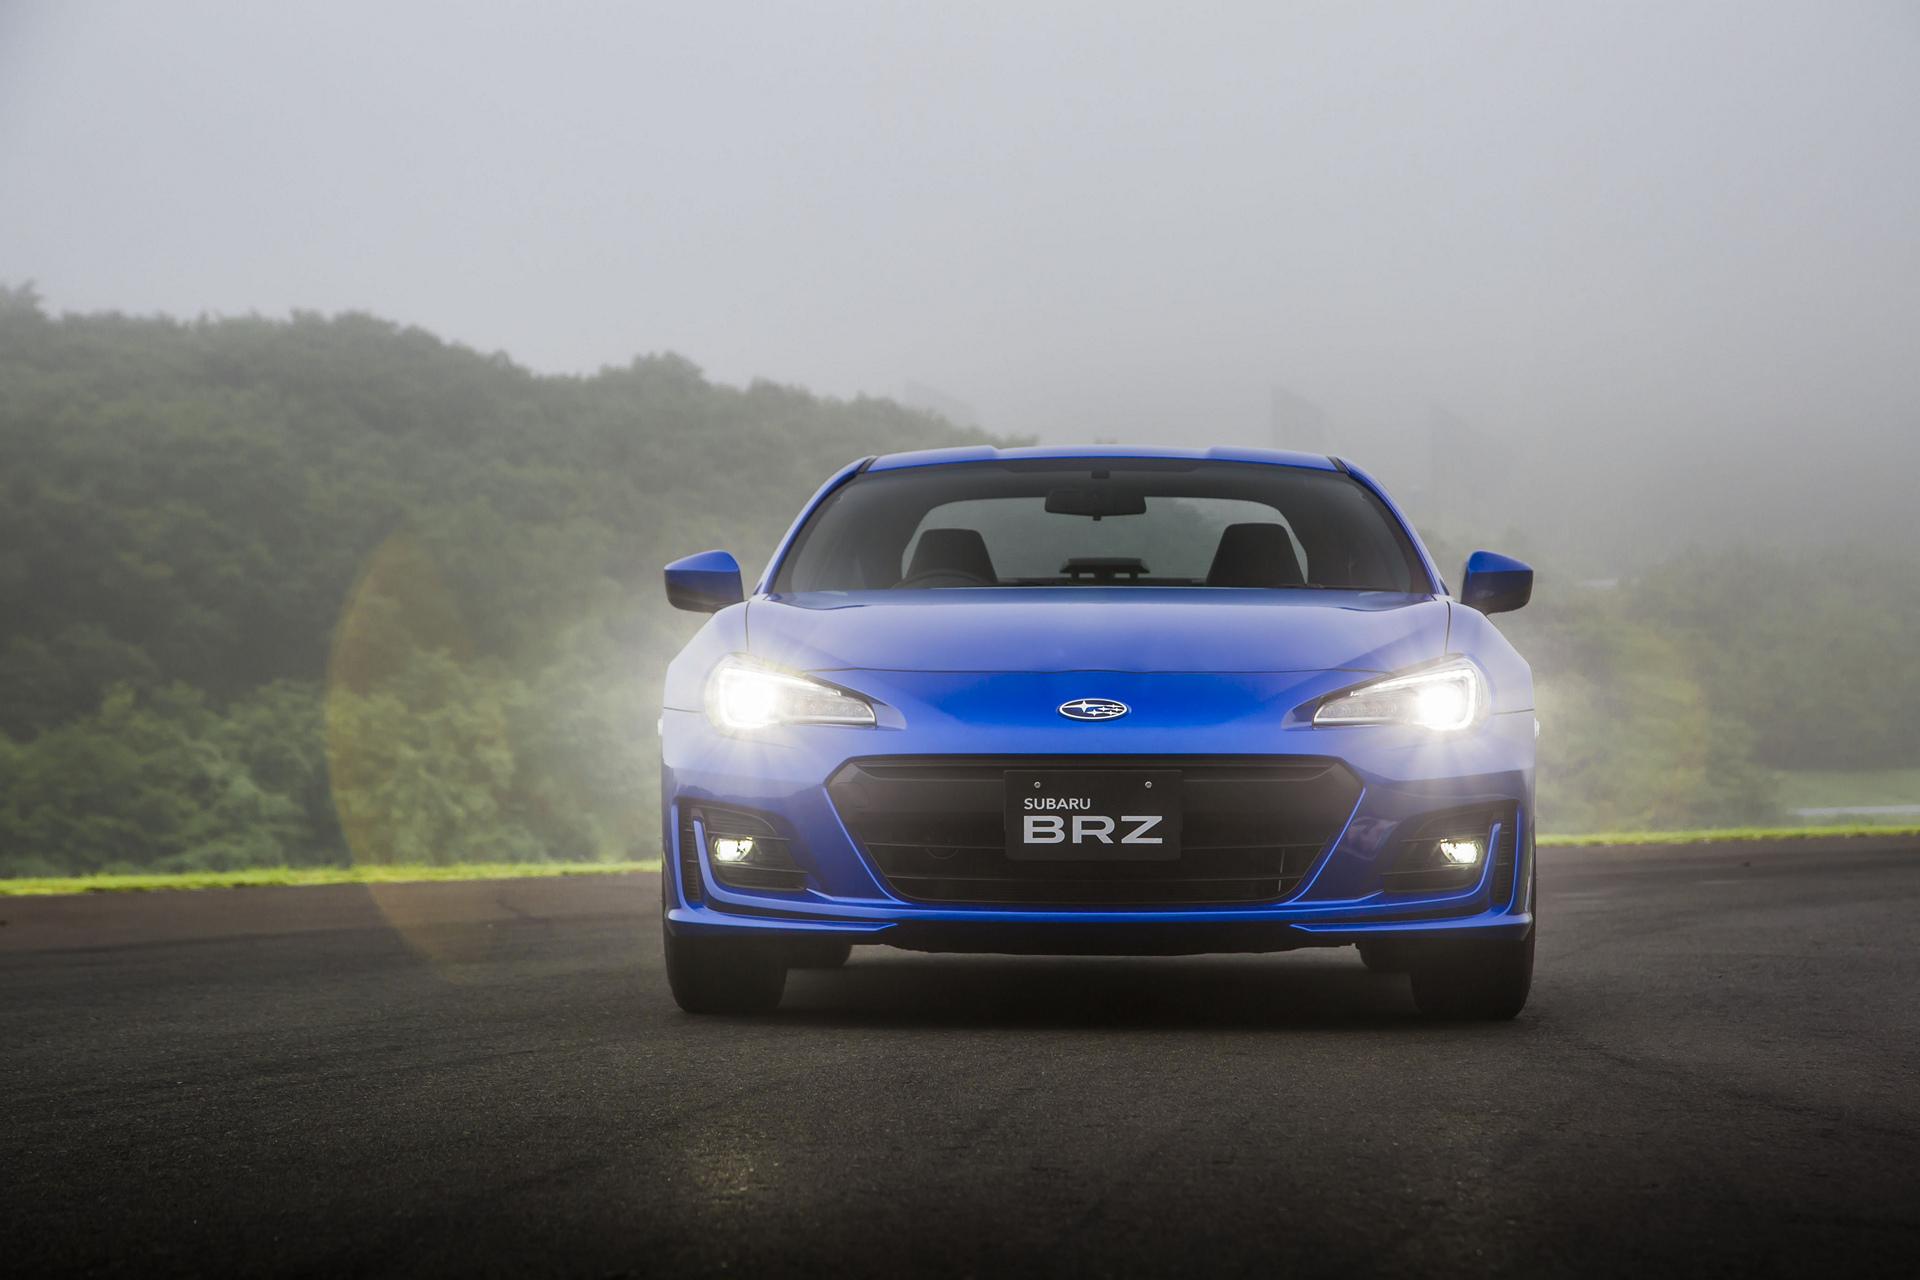 2017 Subaru BRZ © Fuji Heavy Industries, Ltd.